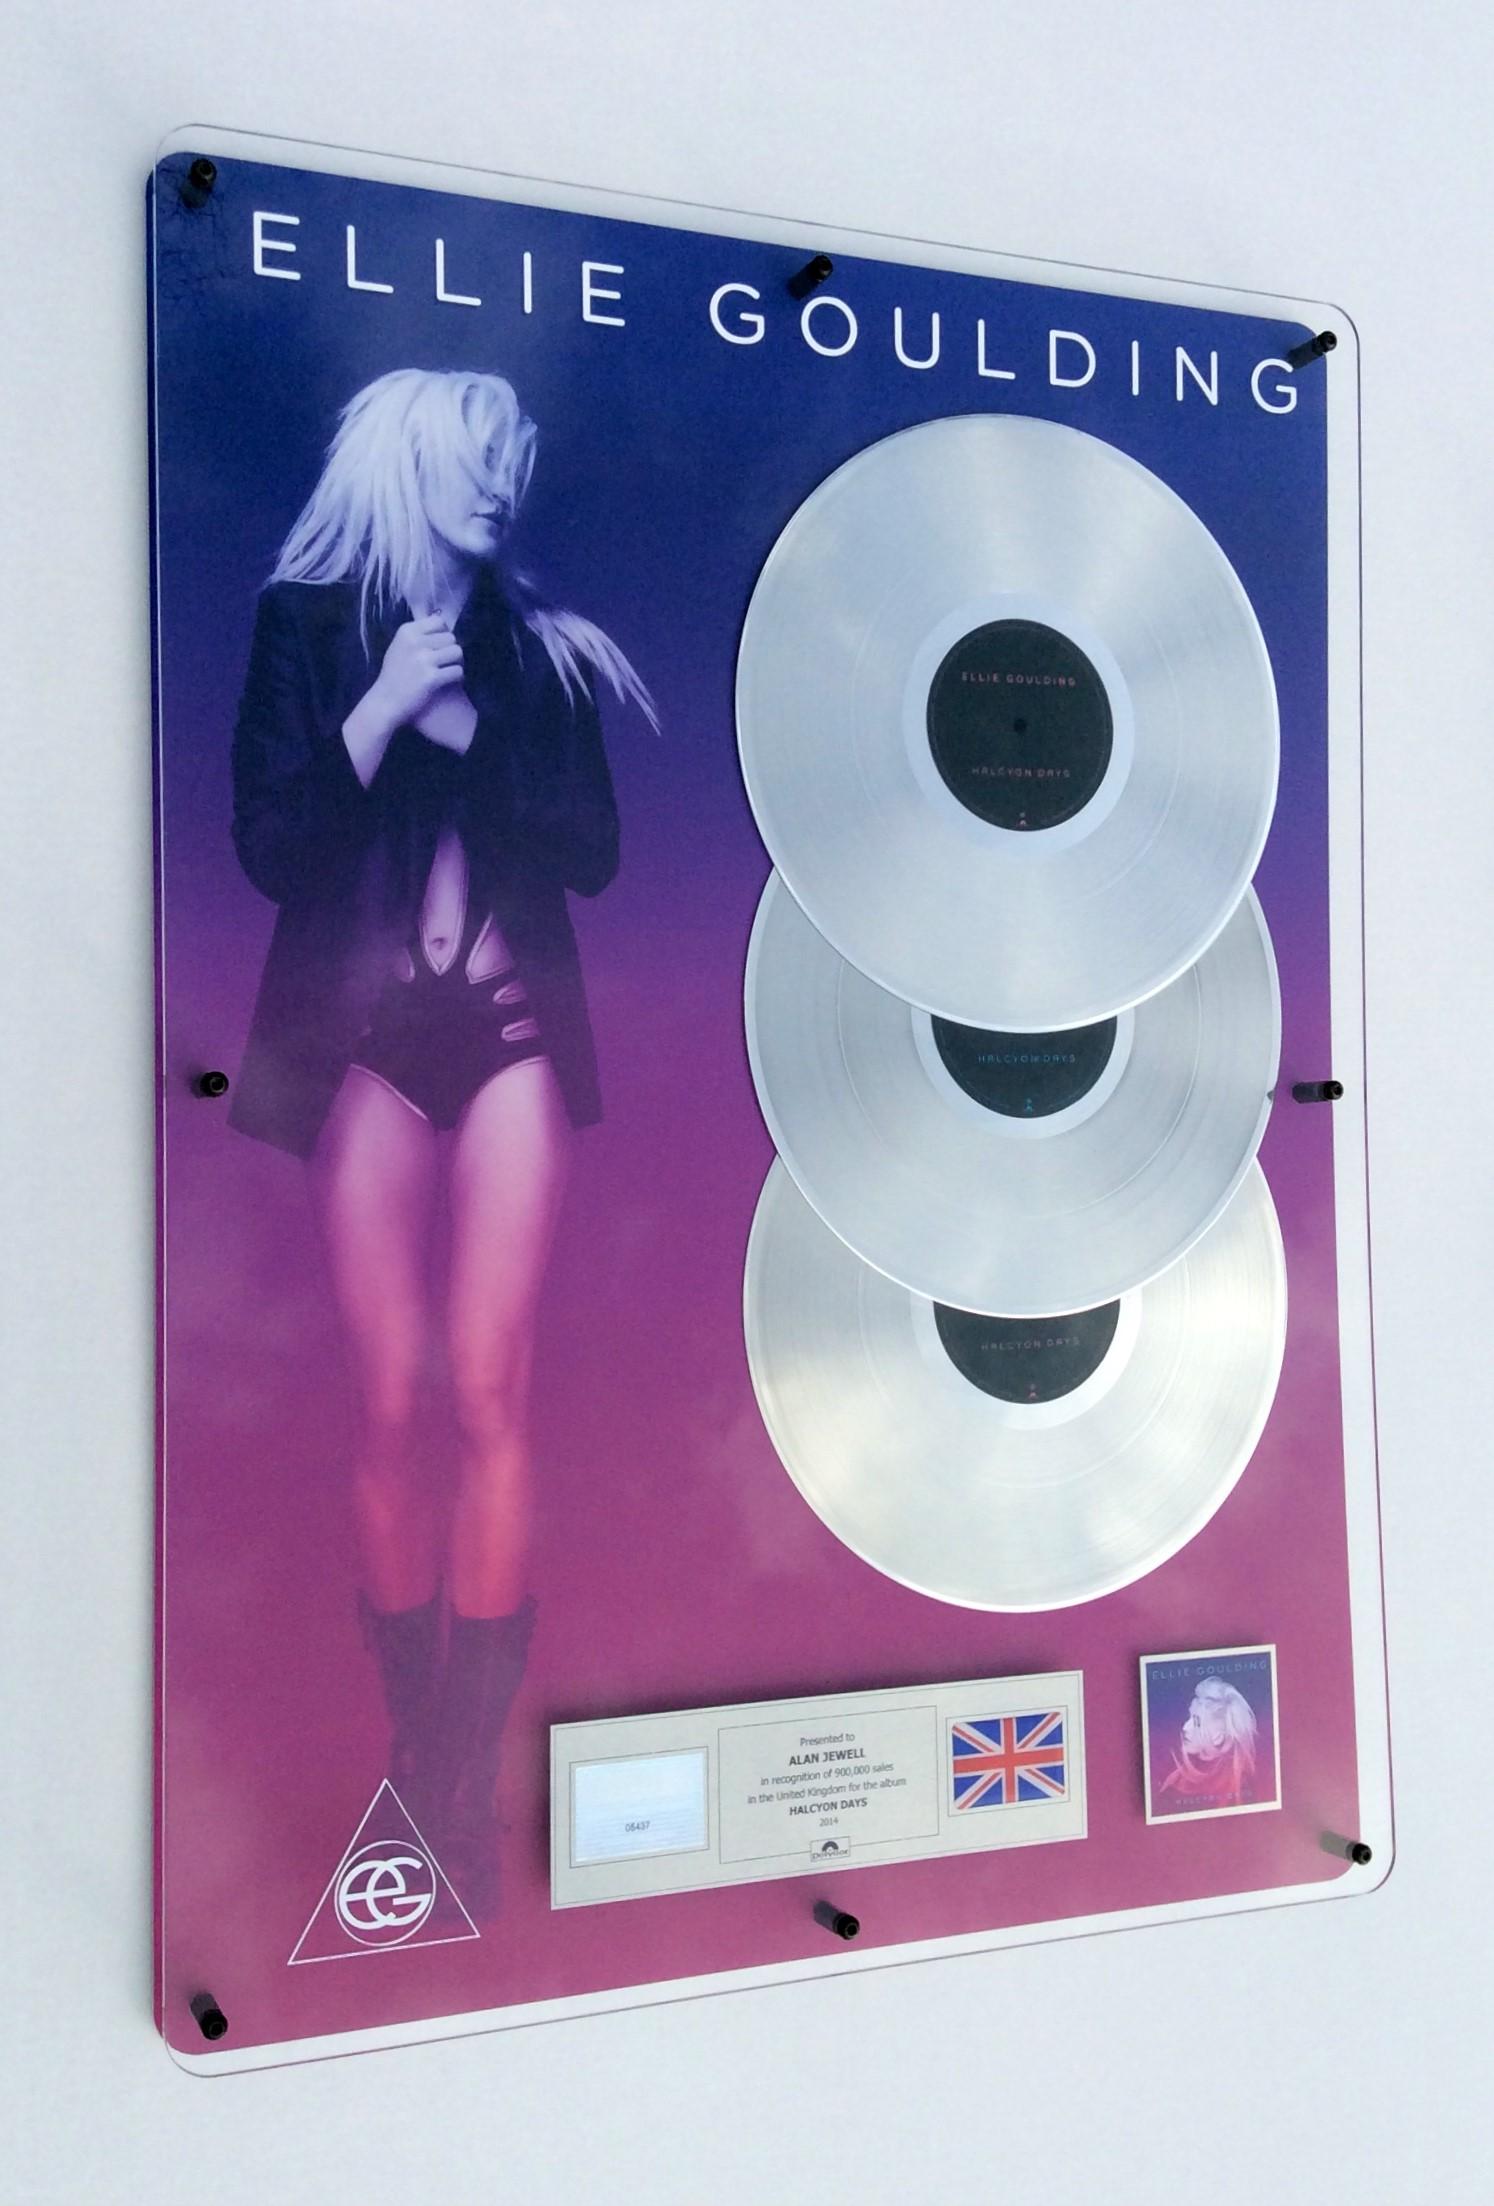 Ellie Goulding 600x800mm Acrylic